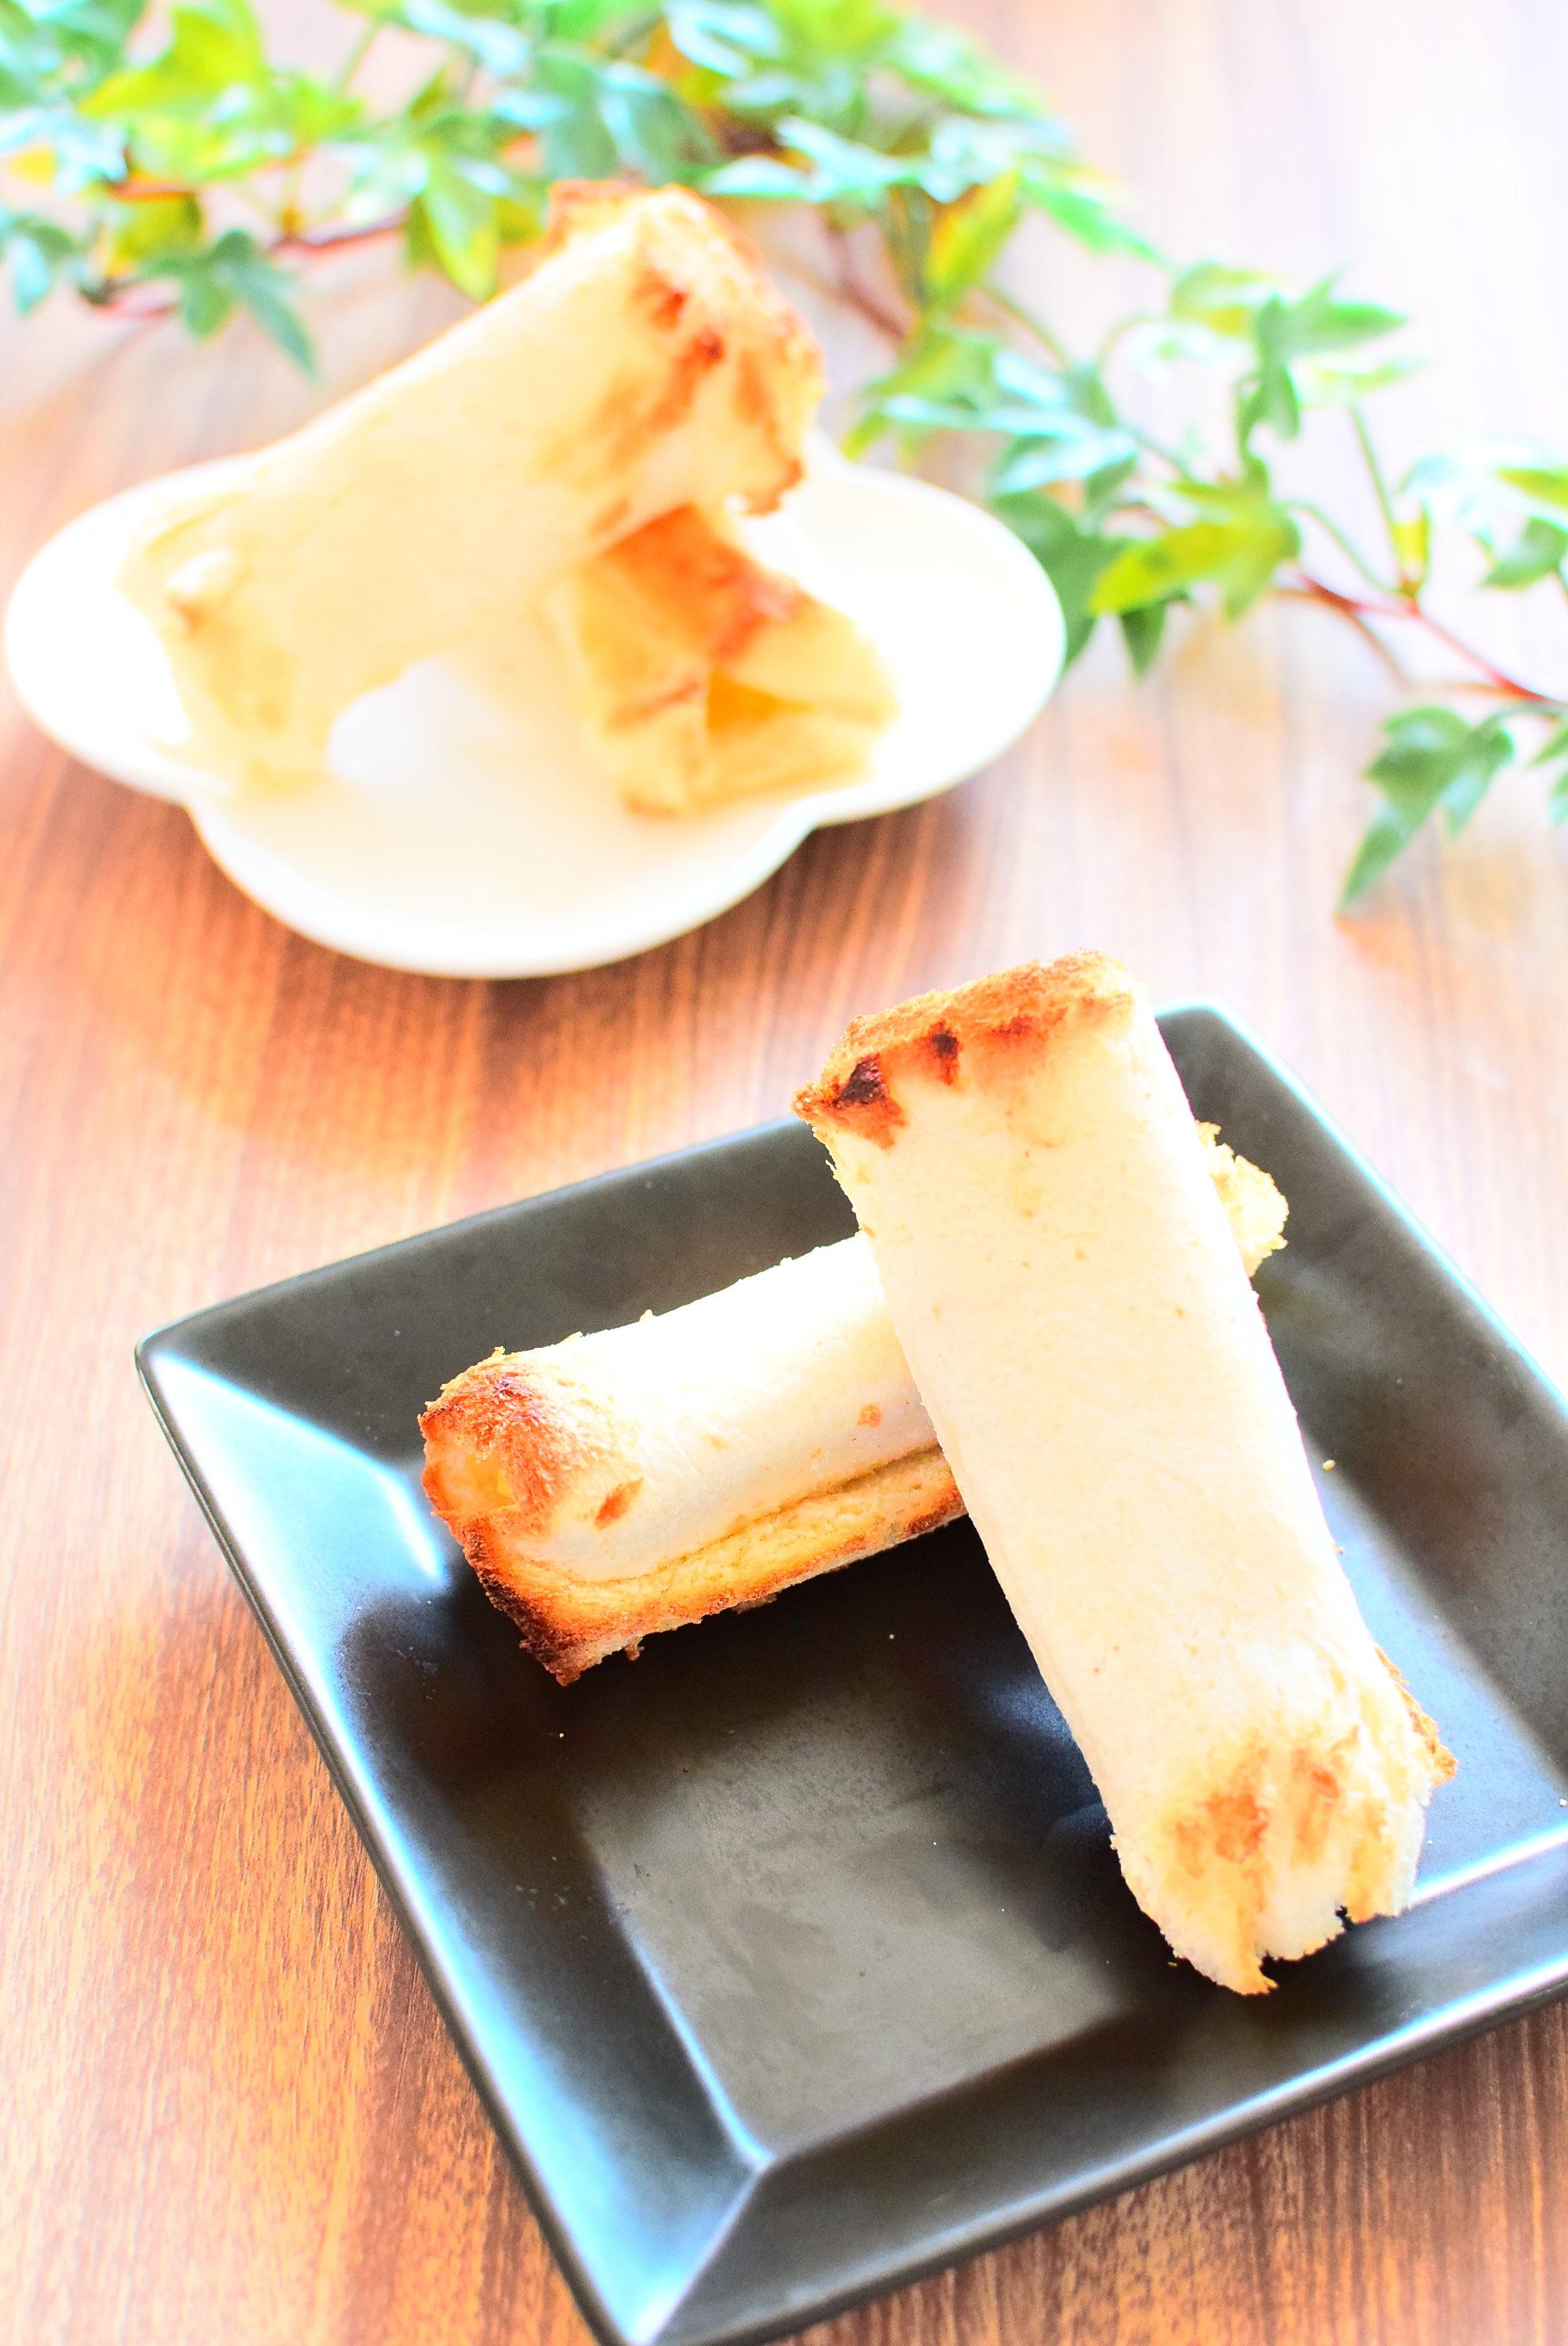 食パンで作る!アップルパイ風のレシピ&パン耳ラスクのレシピ